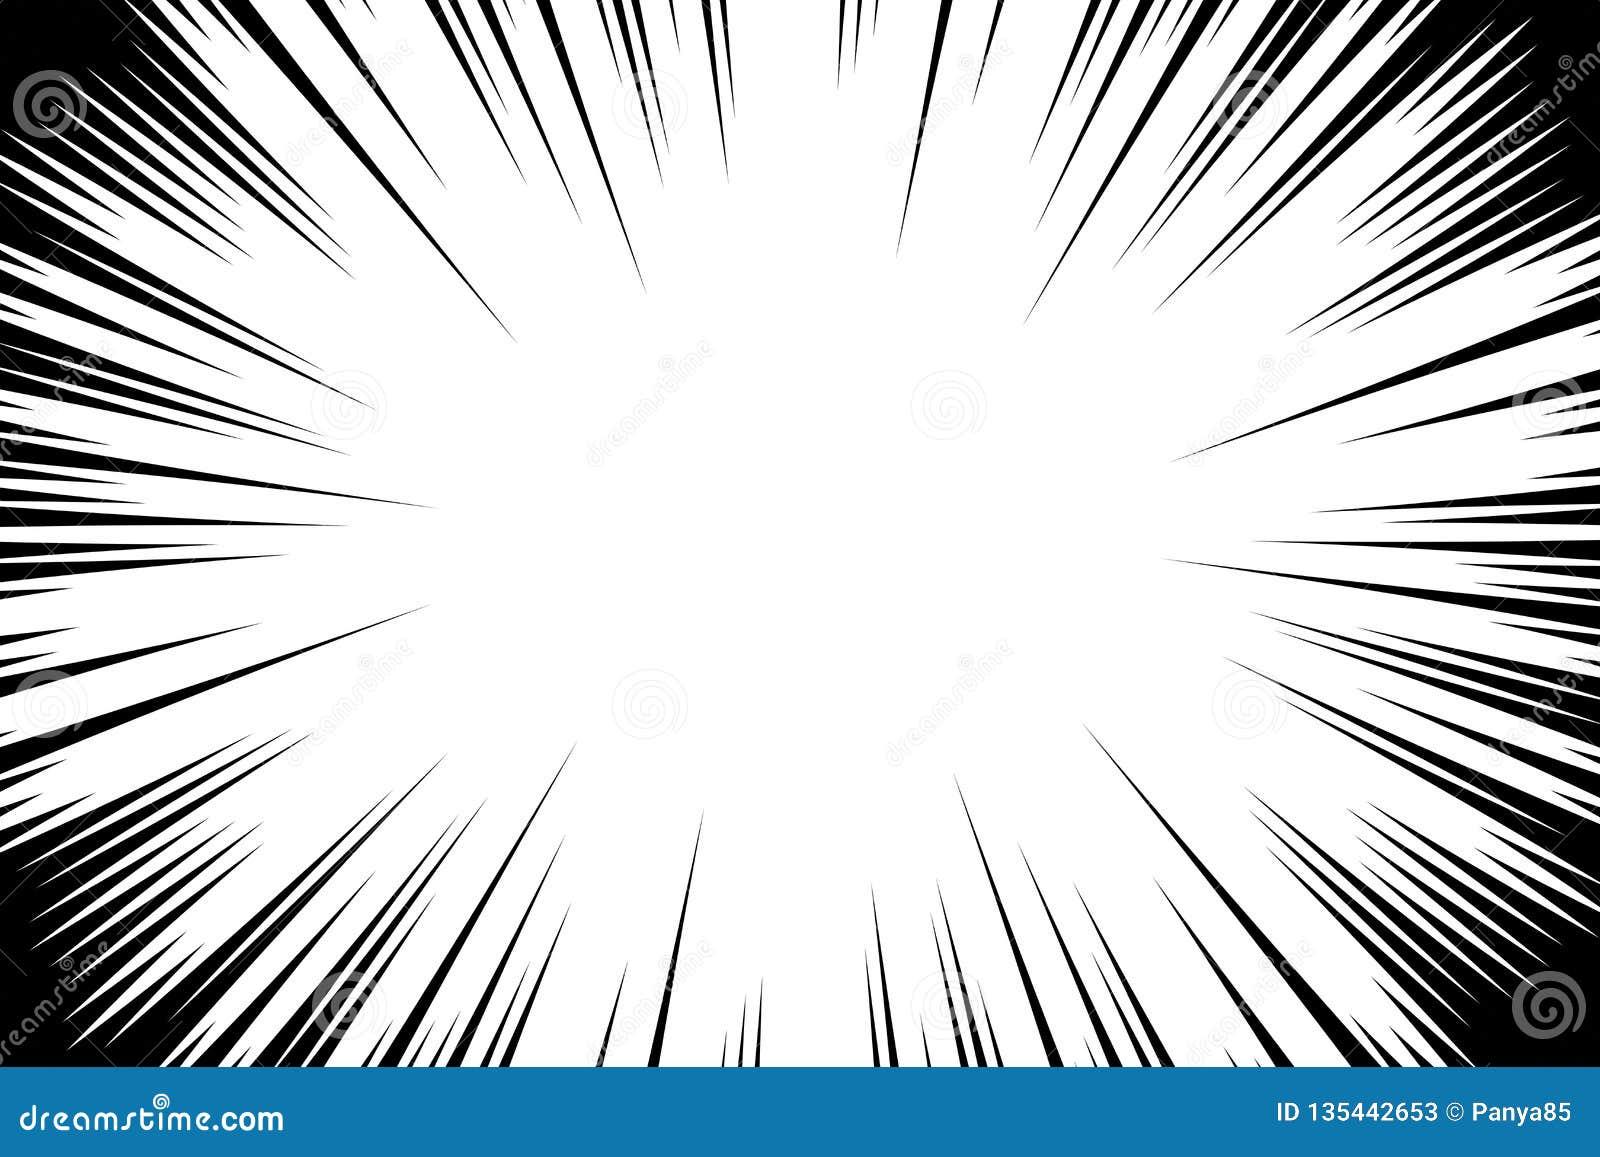 Ακτινωτό υπόβαθρο γραμμών κόμικς Πλαίσιο ταχύτητας Manga Διανυσματική απεικόνιση έκρηξης Αφηρημένο σκηνικό ακτίνων έκρηξης ή ήλιω